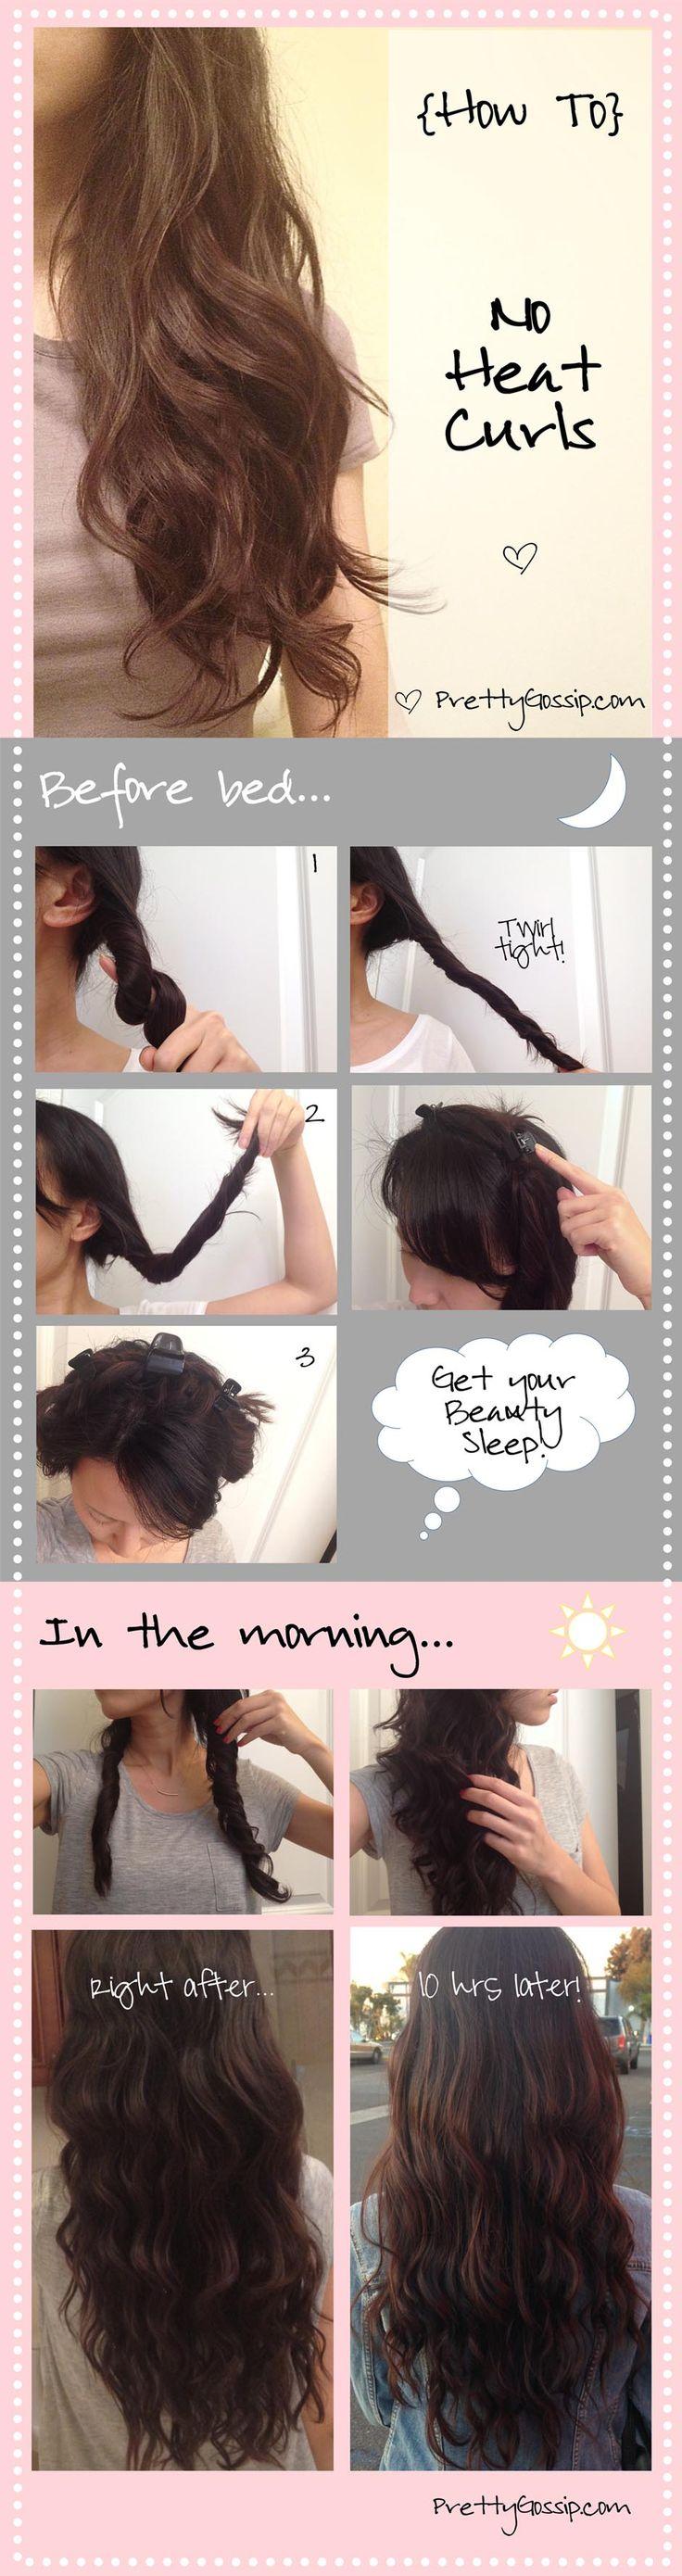 Krullen zonder hitte maken in lang haar!